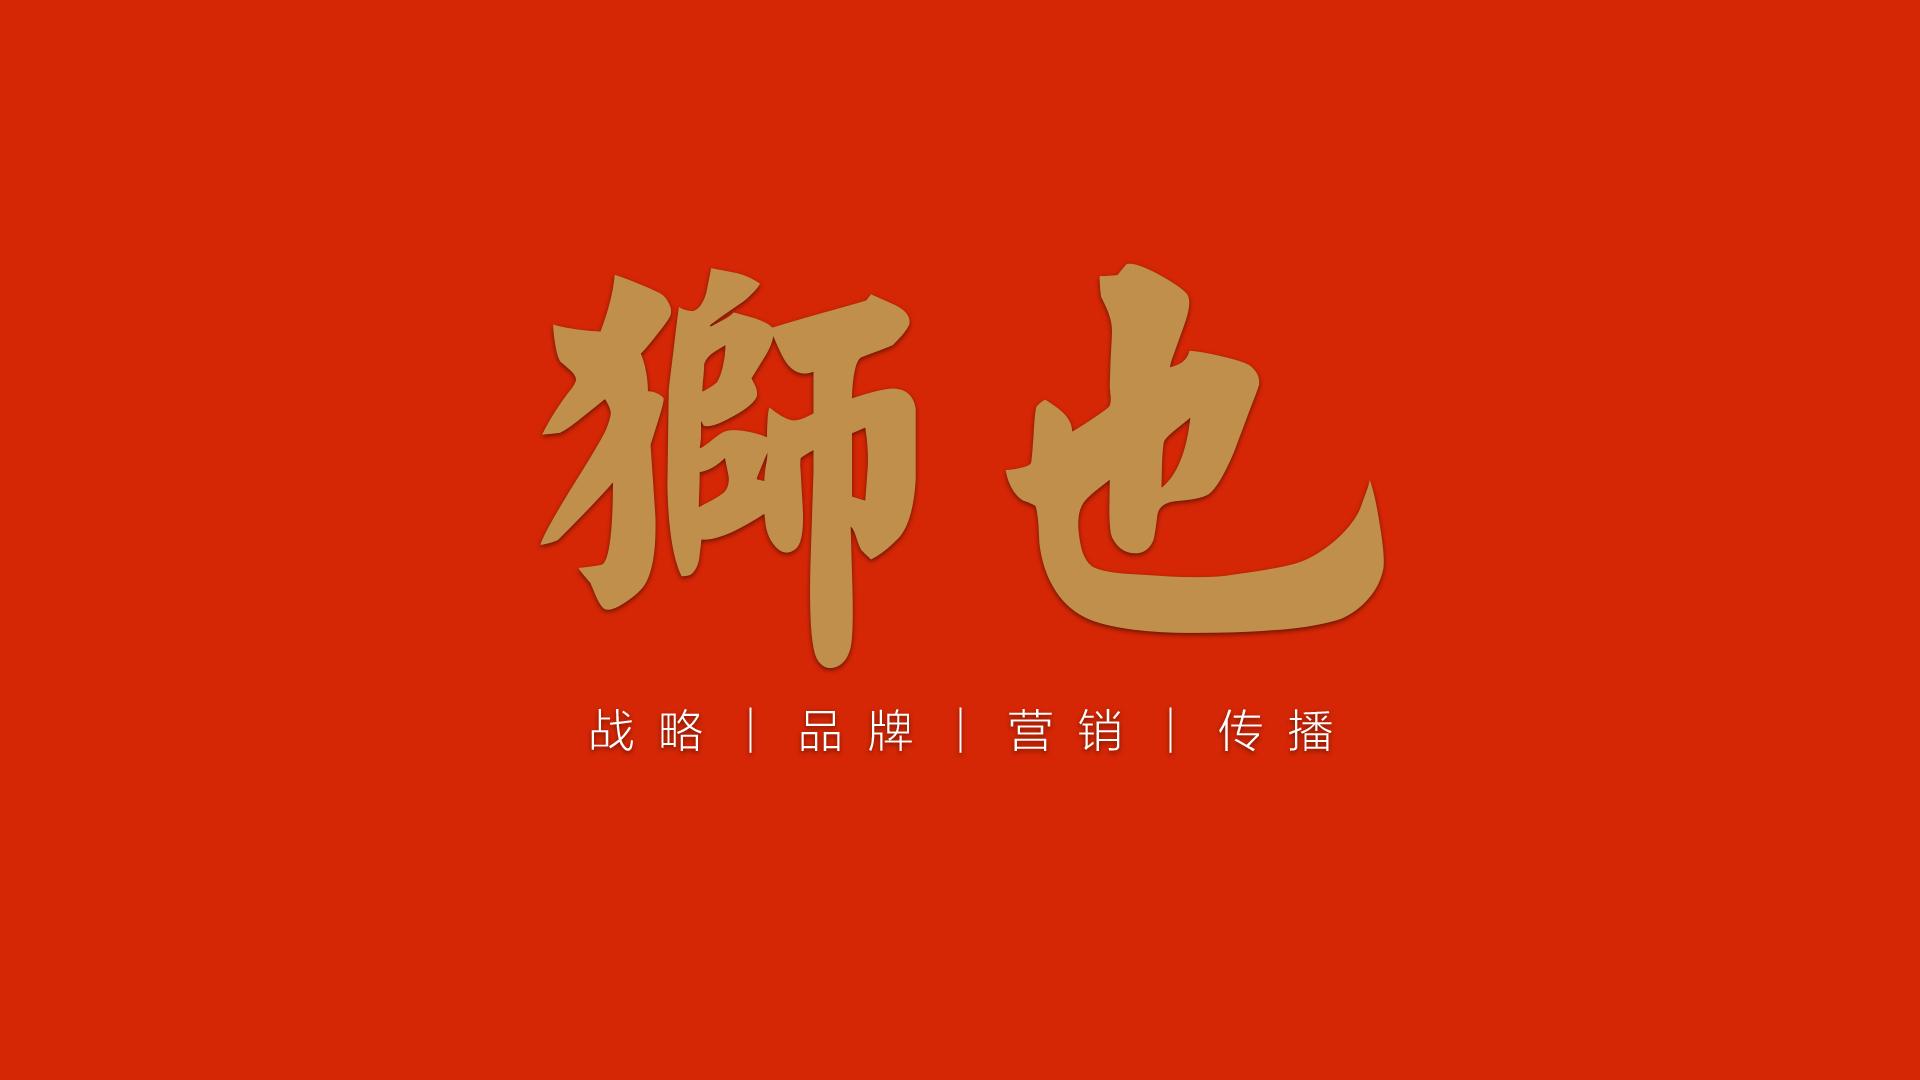 上海营销策划公司—2014年情人节营销活动大盘点